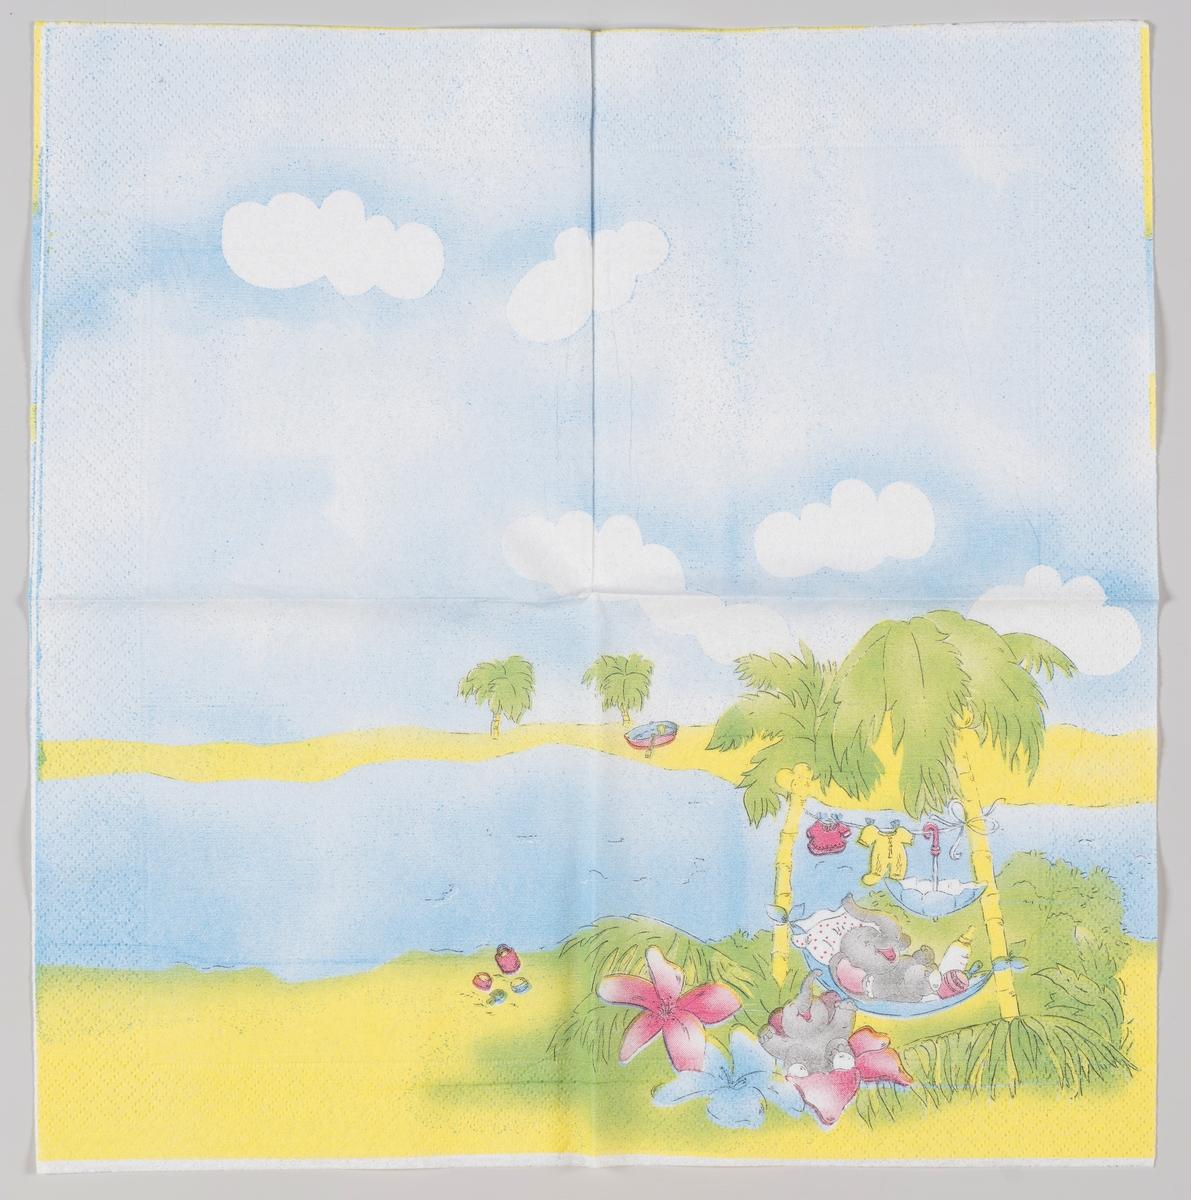 To elefanter ligger i en en hengekøye og i mellom store blomster mens klær henger til tørk mellom palmer ved bredden av et vann.